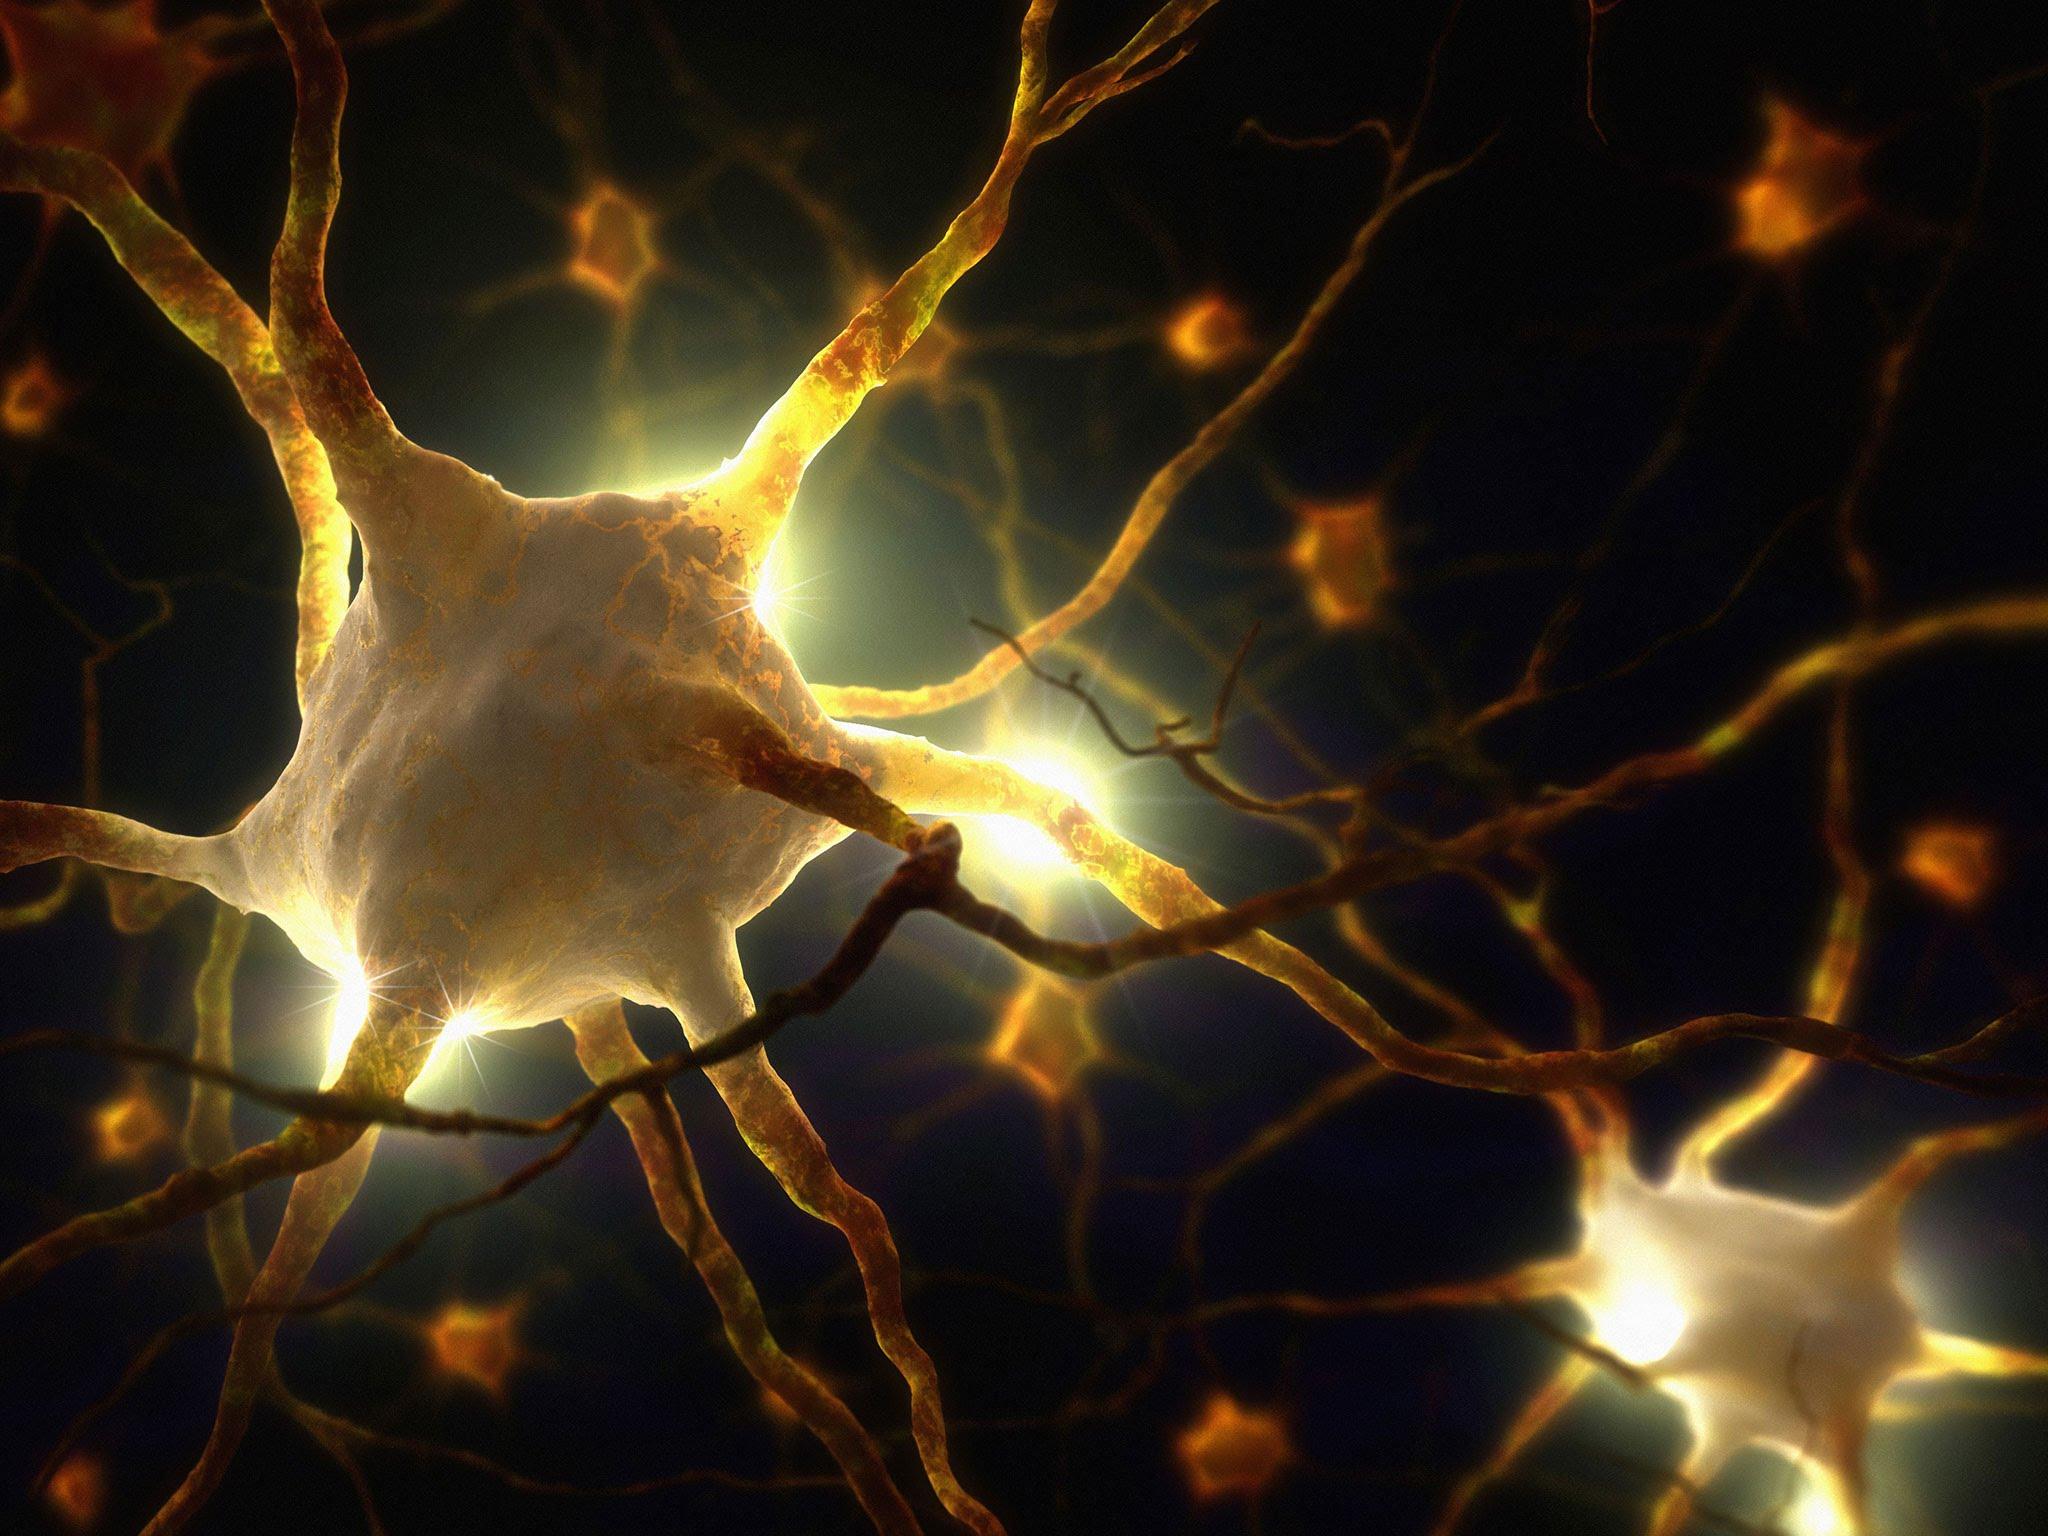 Des scientifiques découvrent des biophotons dans le cerveau qui pourraient laisser entendre que notre conscience est directement liée à la lumière !